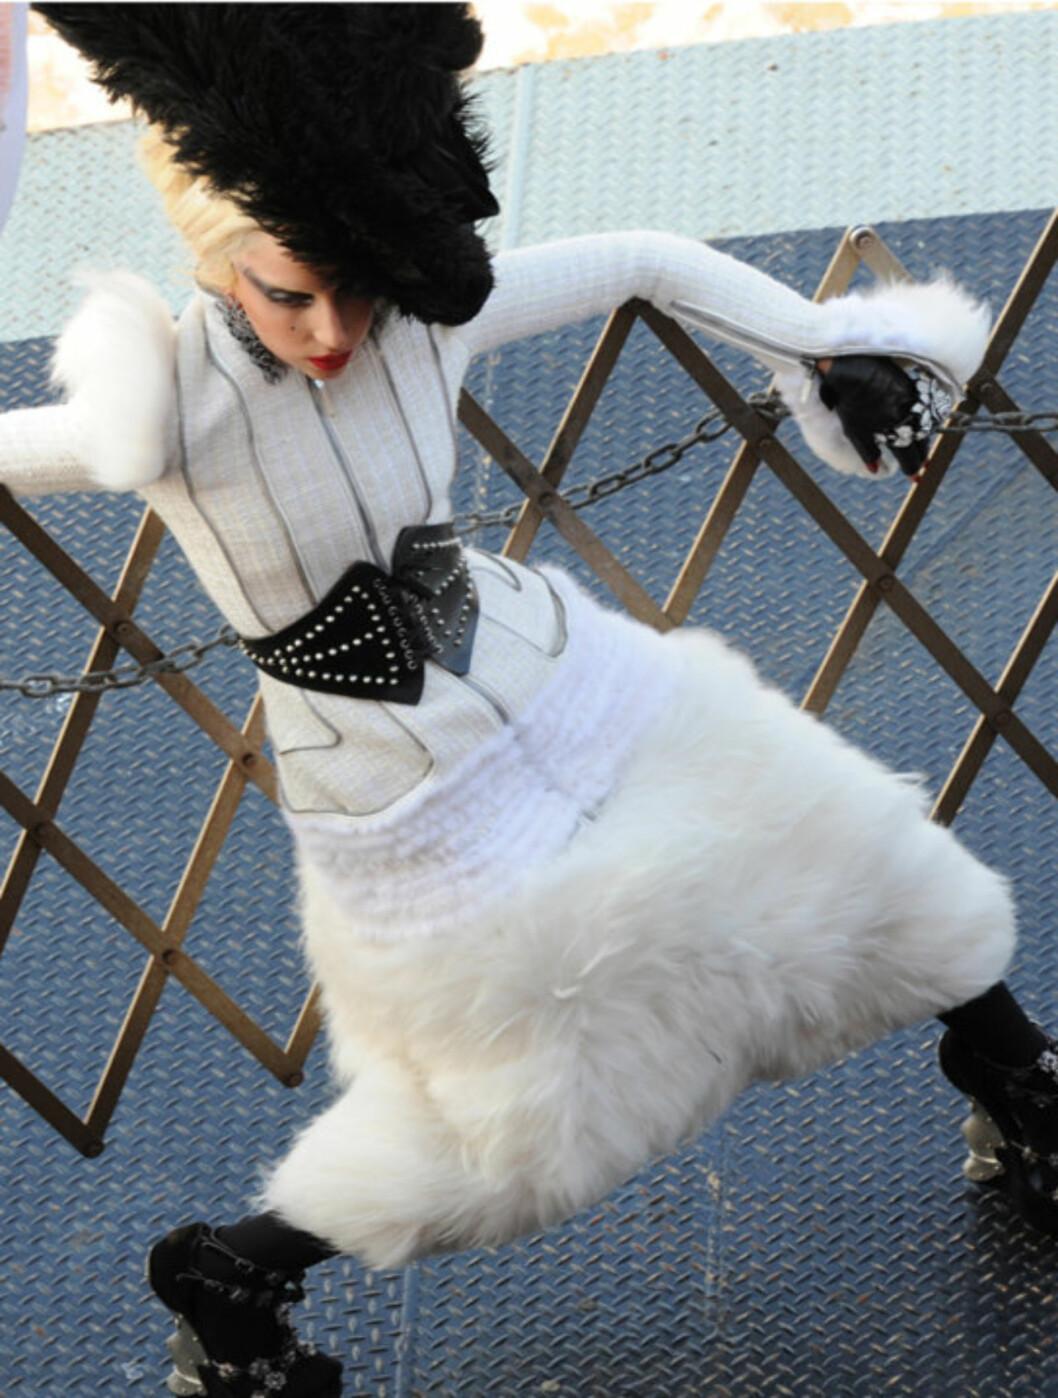 <strong>SATTE SJØBEIN:</strong> Lady Gaga i avslappet positur under foto-shooten, her på en båt. Godt å ha et gjerde å støtte seg til når livvaktene er annetsteds. Foto: Stella Pictures